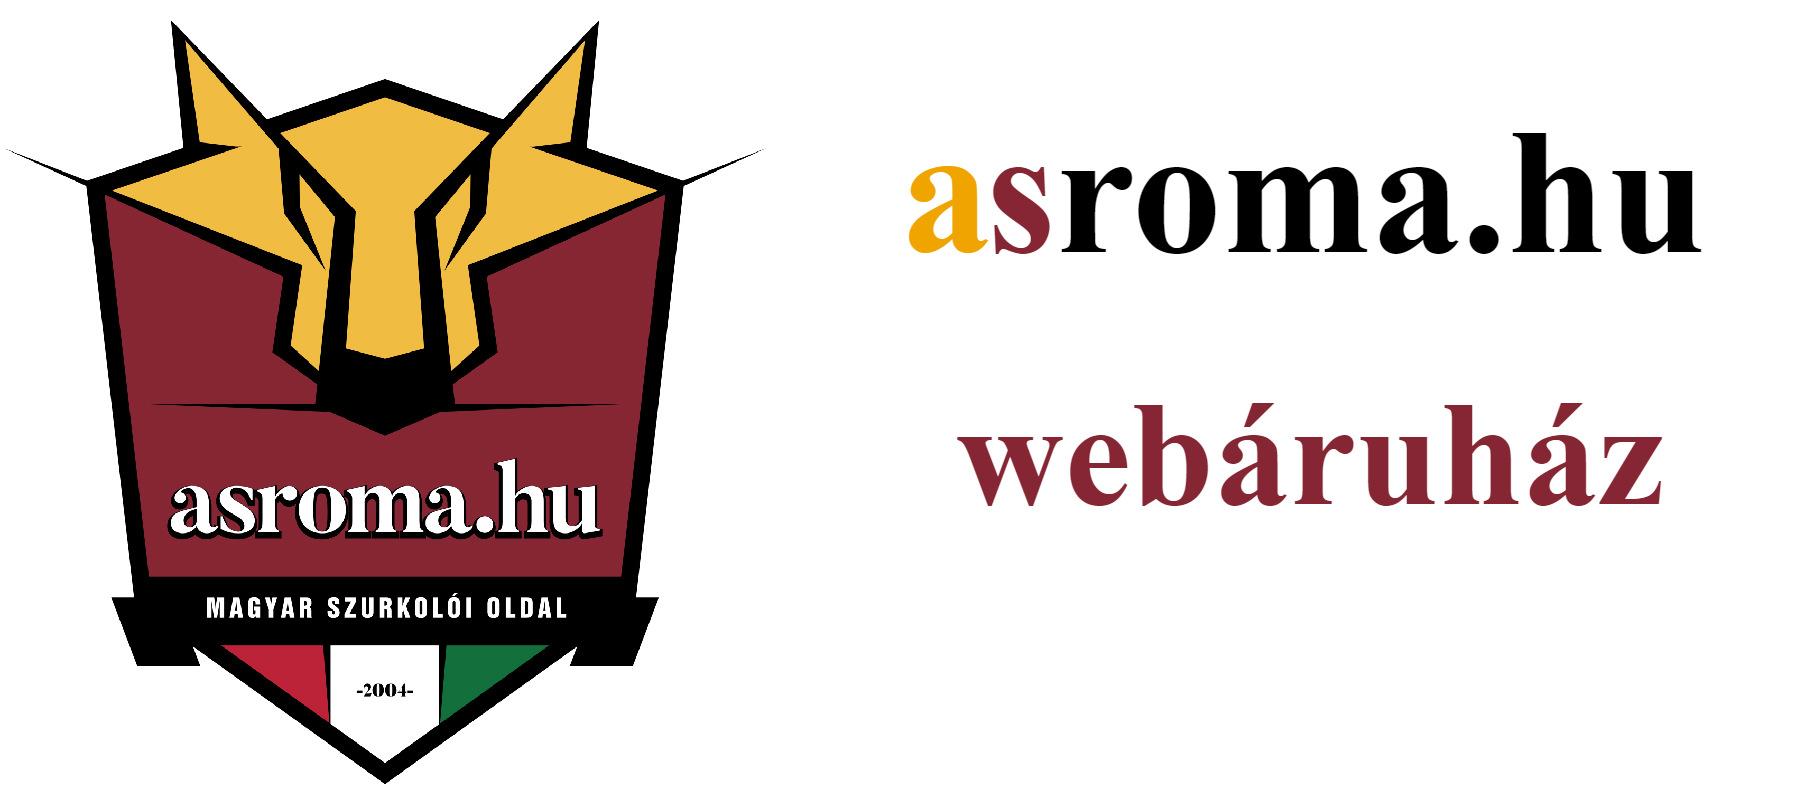 asroma.hu webáruház